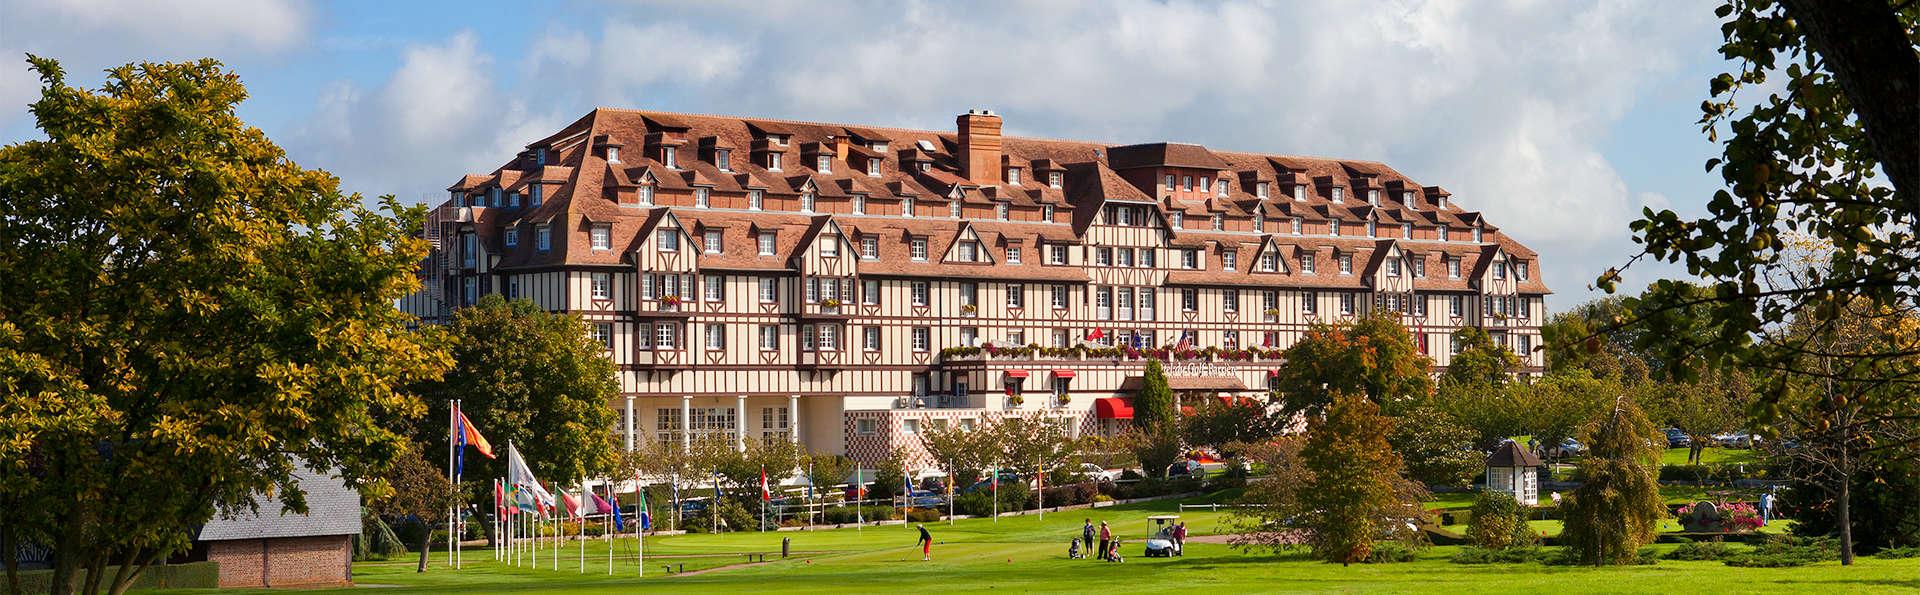 Hôtel Barrière L'Hôtel du Golf Deauville - EDIT_Exterior2.jpg